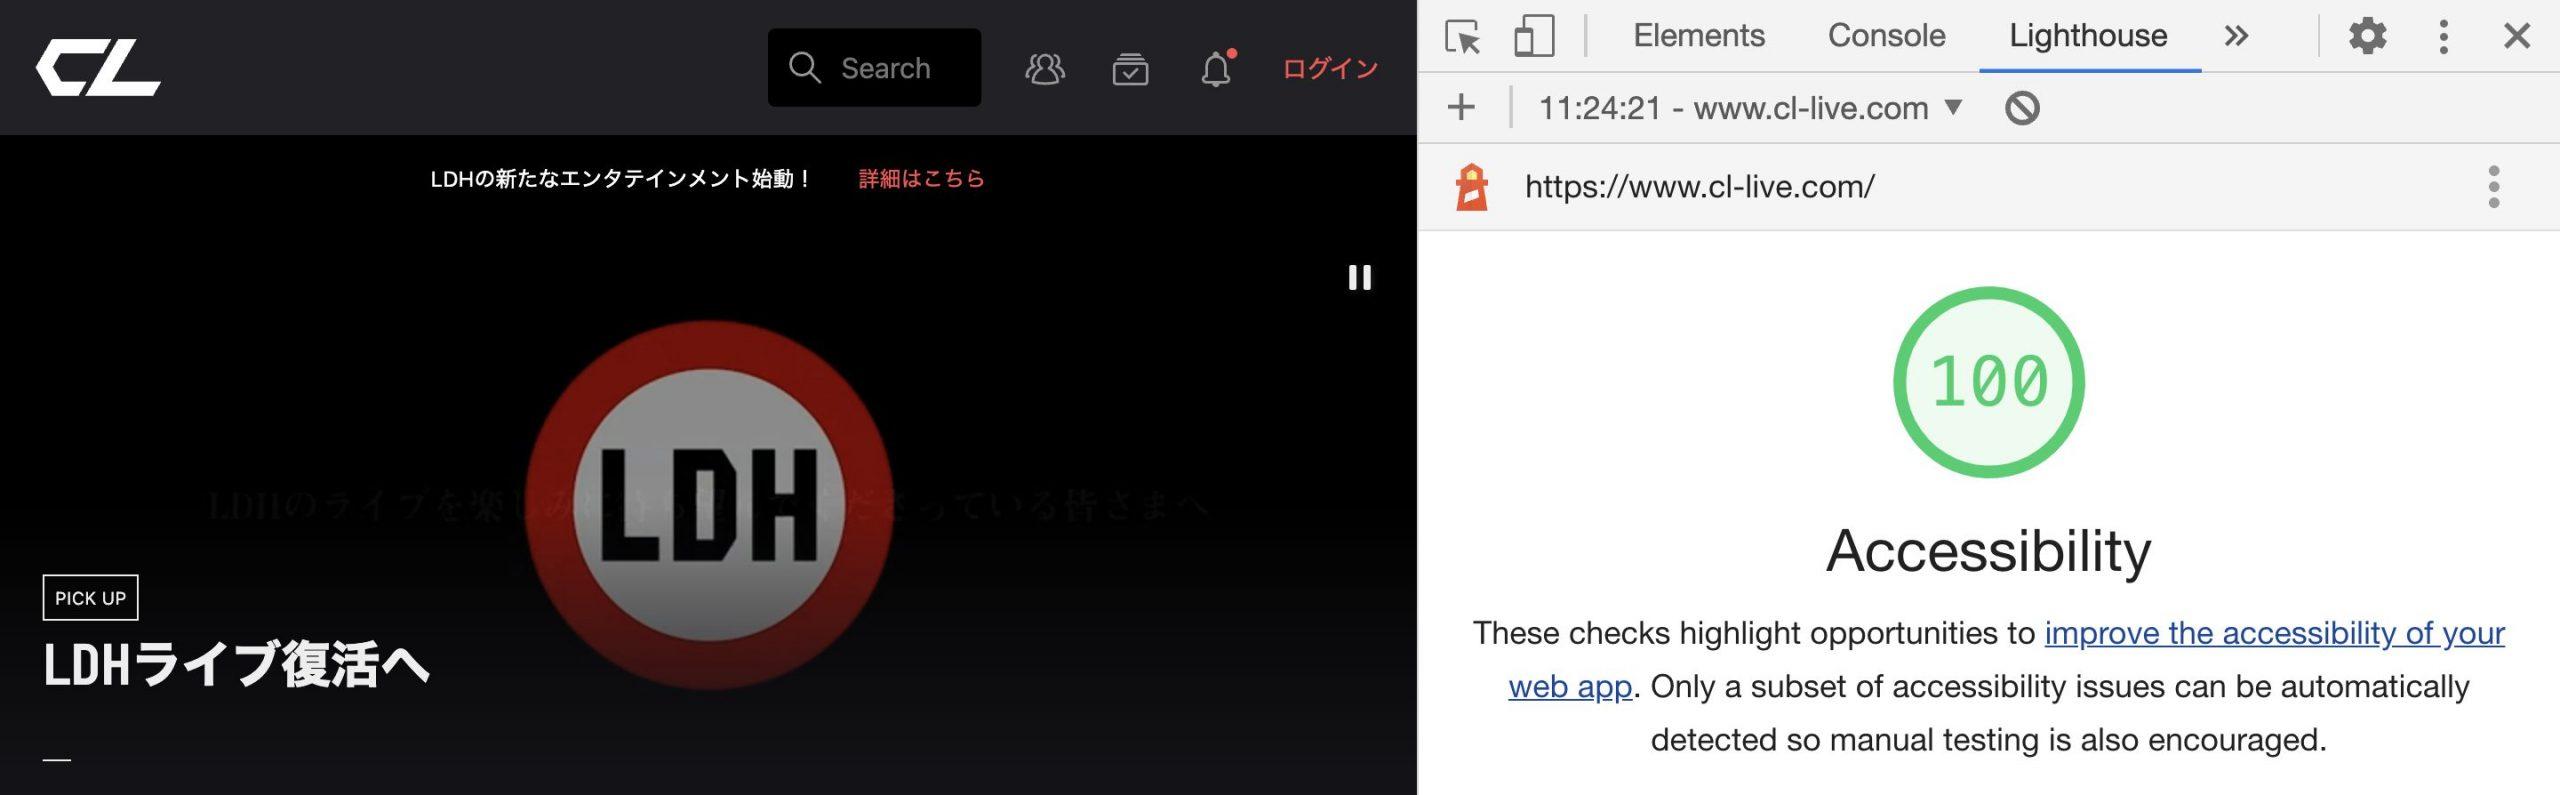 cl-live.comのスクリーンショット。Chromeによるアクセシビリティの検証スコアが100点